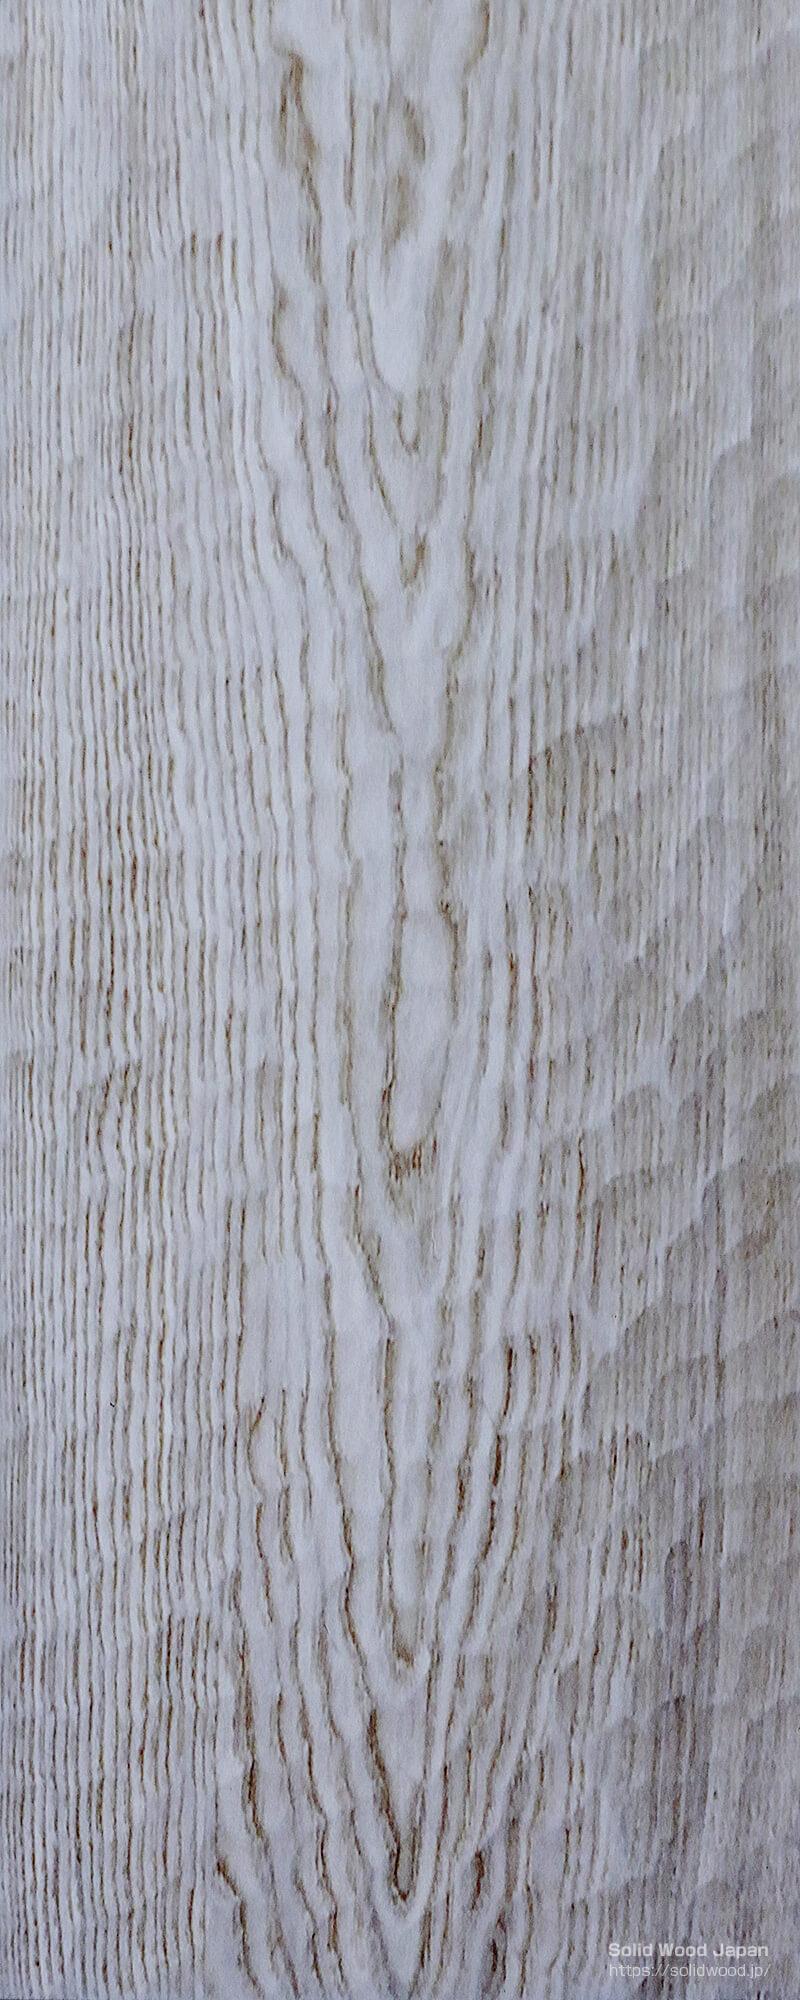 突鑿名栗(つきのみなぐり)の鹿ノ子(かのこ)仕上り栗木地